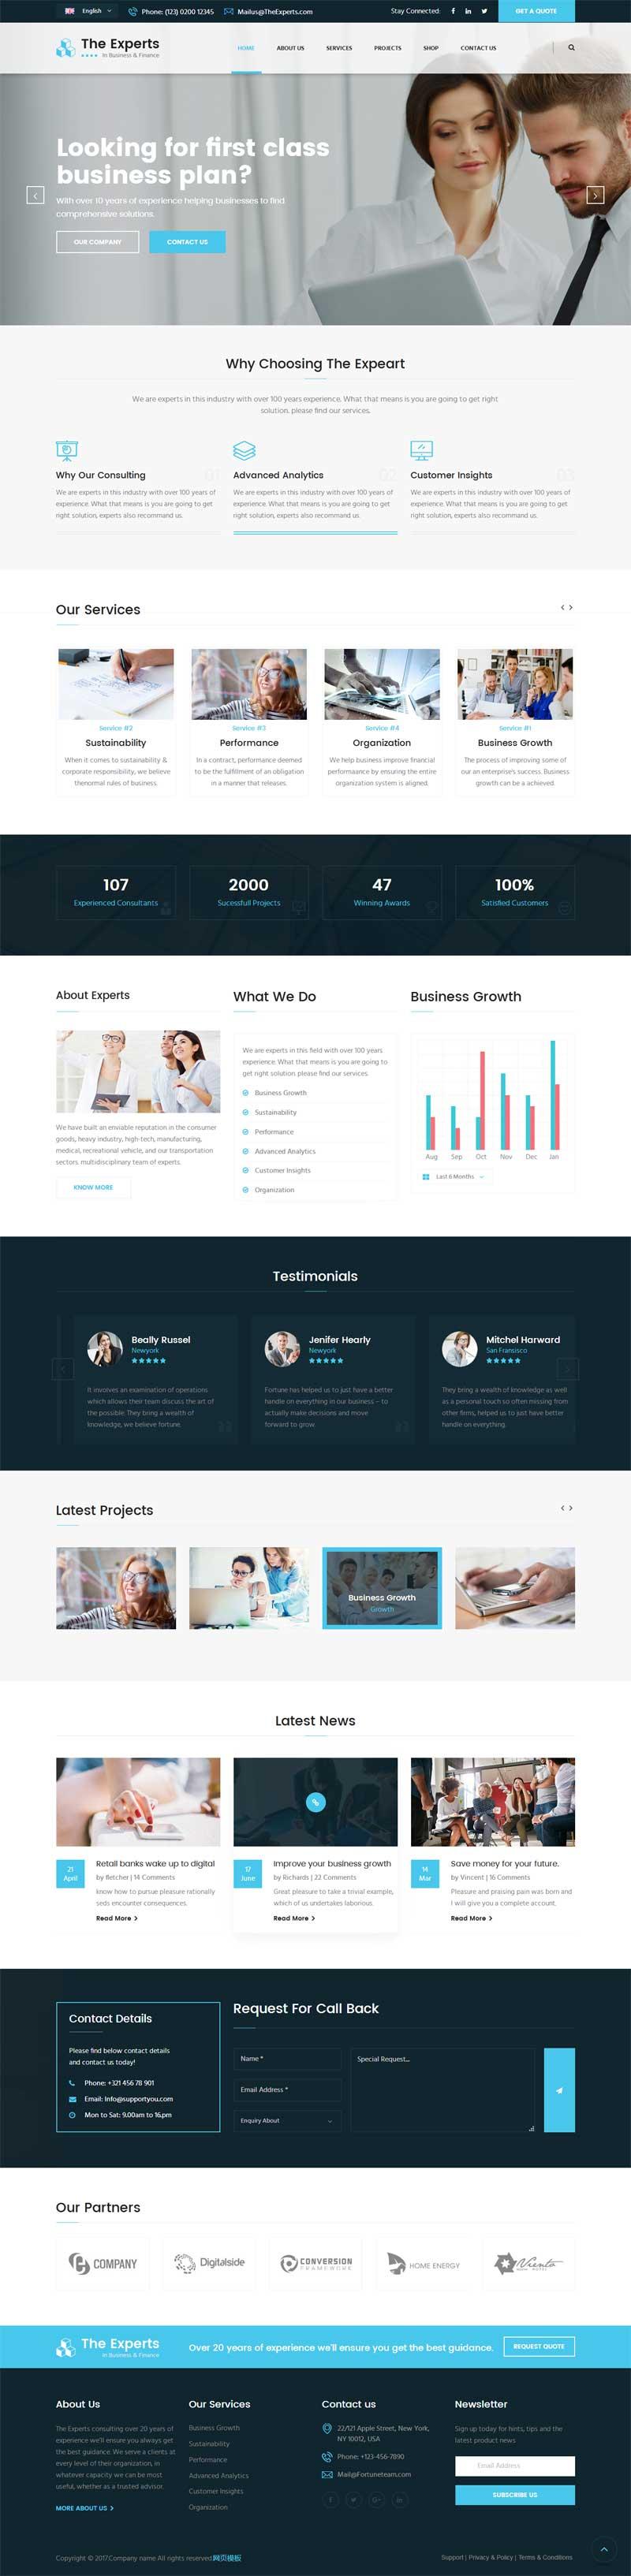 蓝色大气的商业金融投资公司网站模板html整站